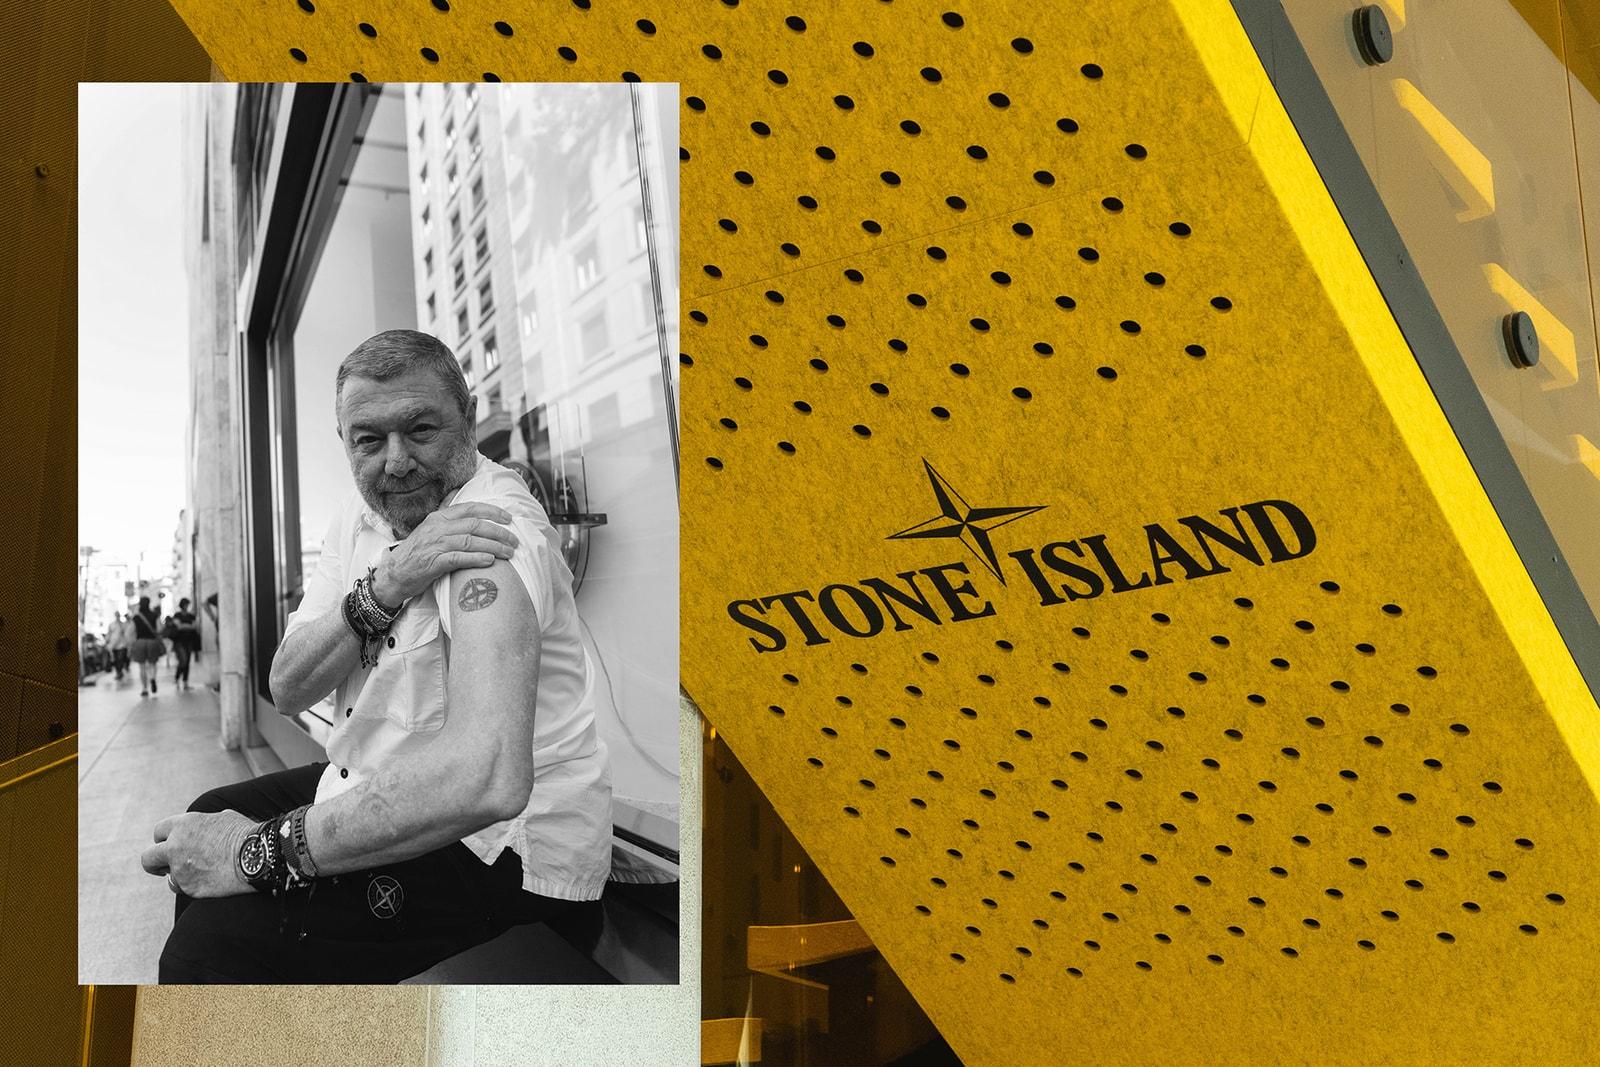 未完待續... HYPEBEAST 專訪 Stone Island 行政總裁 Carlo Rivetti